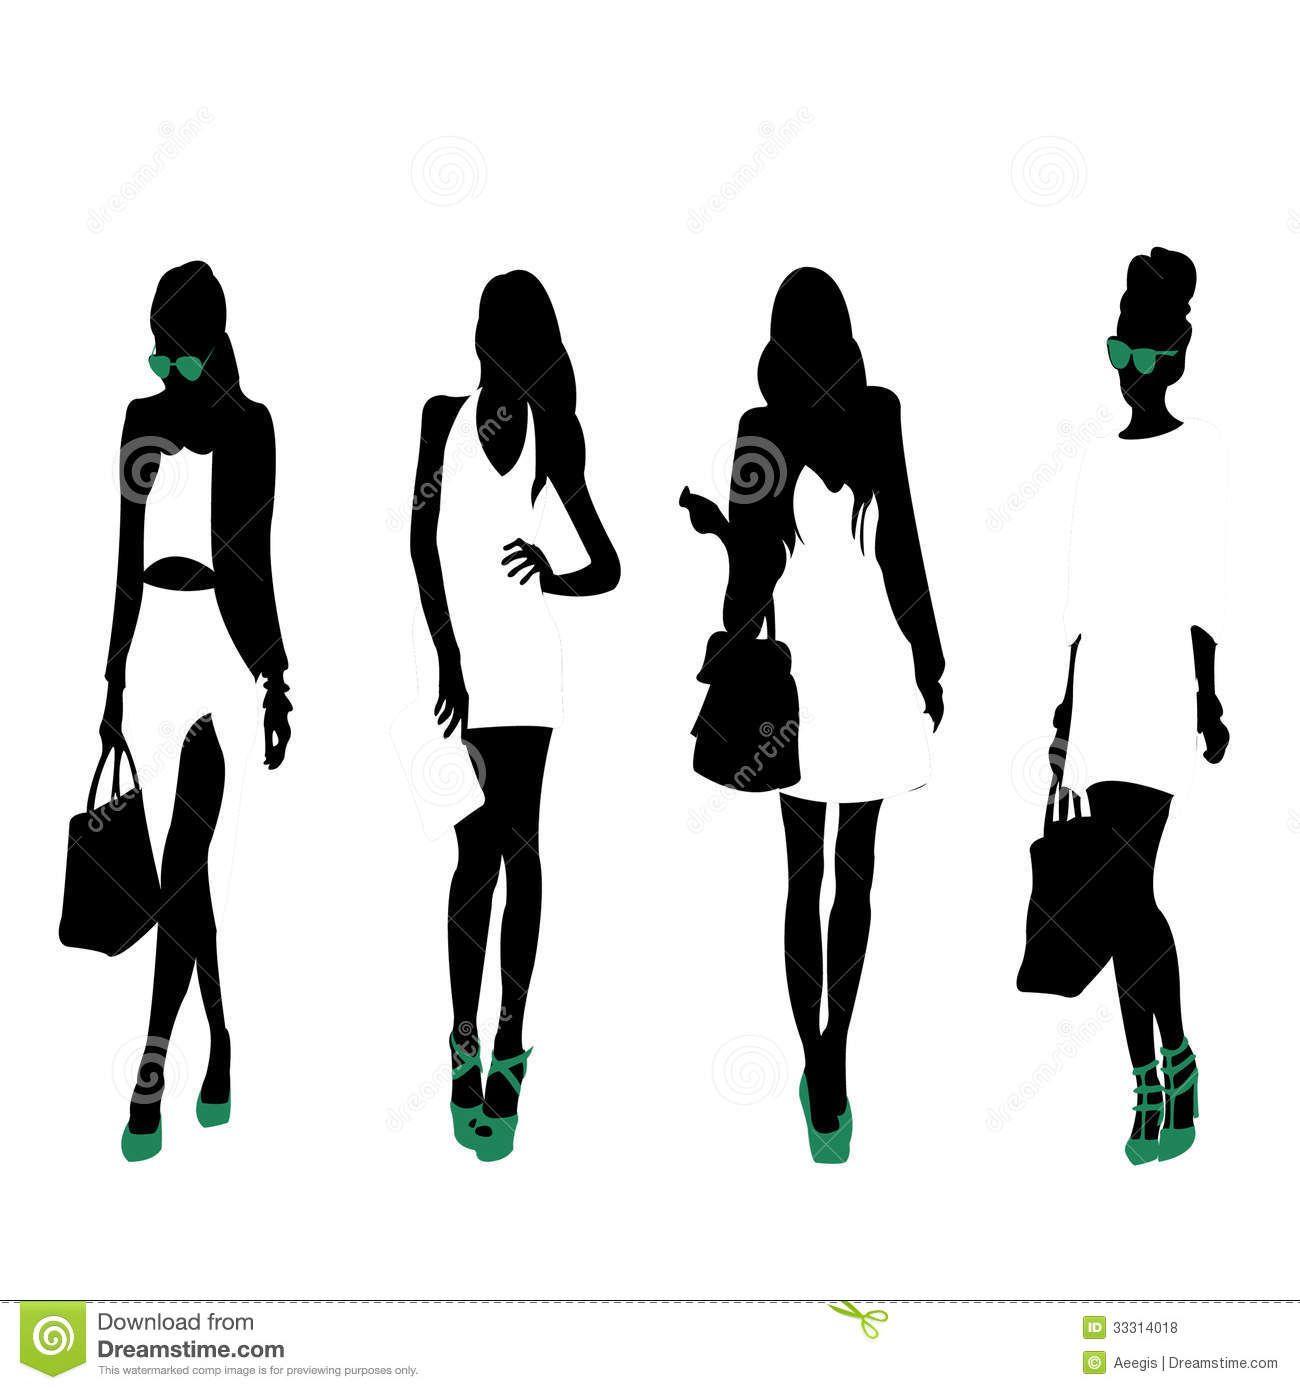 fashion silhouette woman - Google Search | Fashion ...